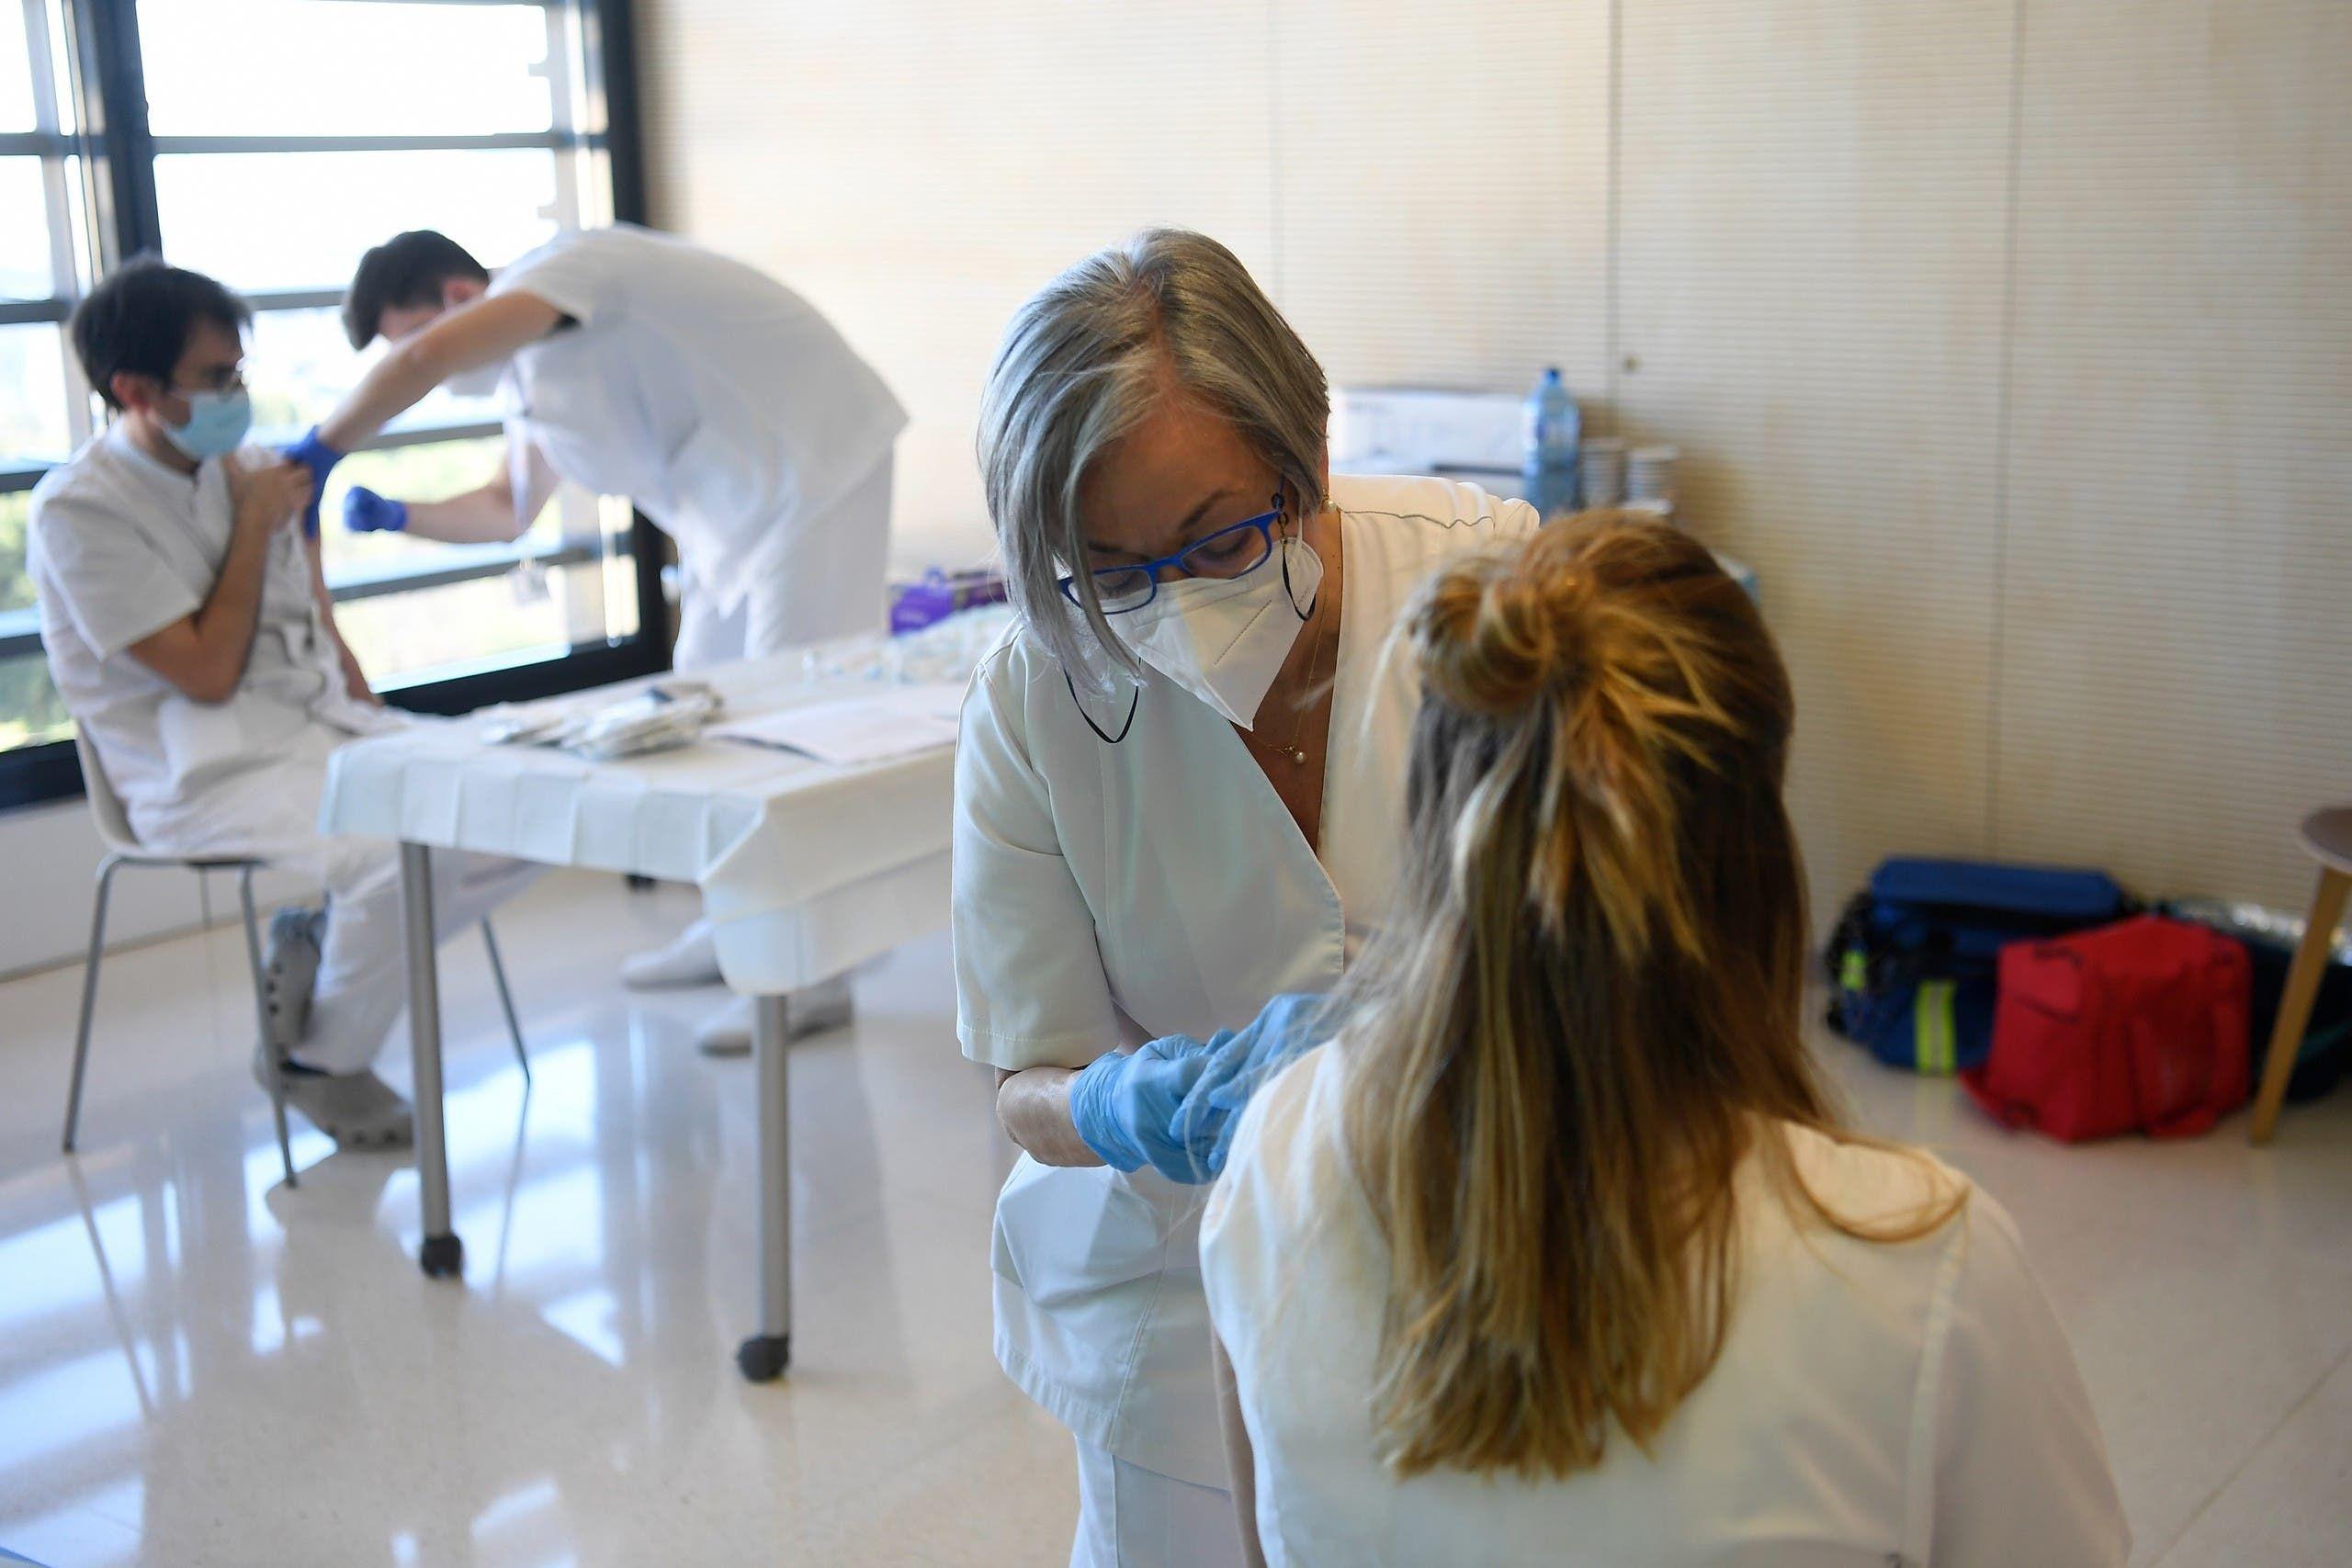 من حملة تطعيم في مستشفى ببرشلونة